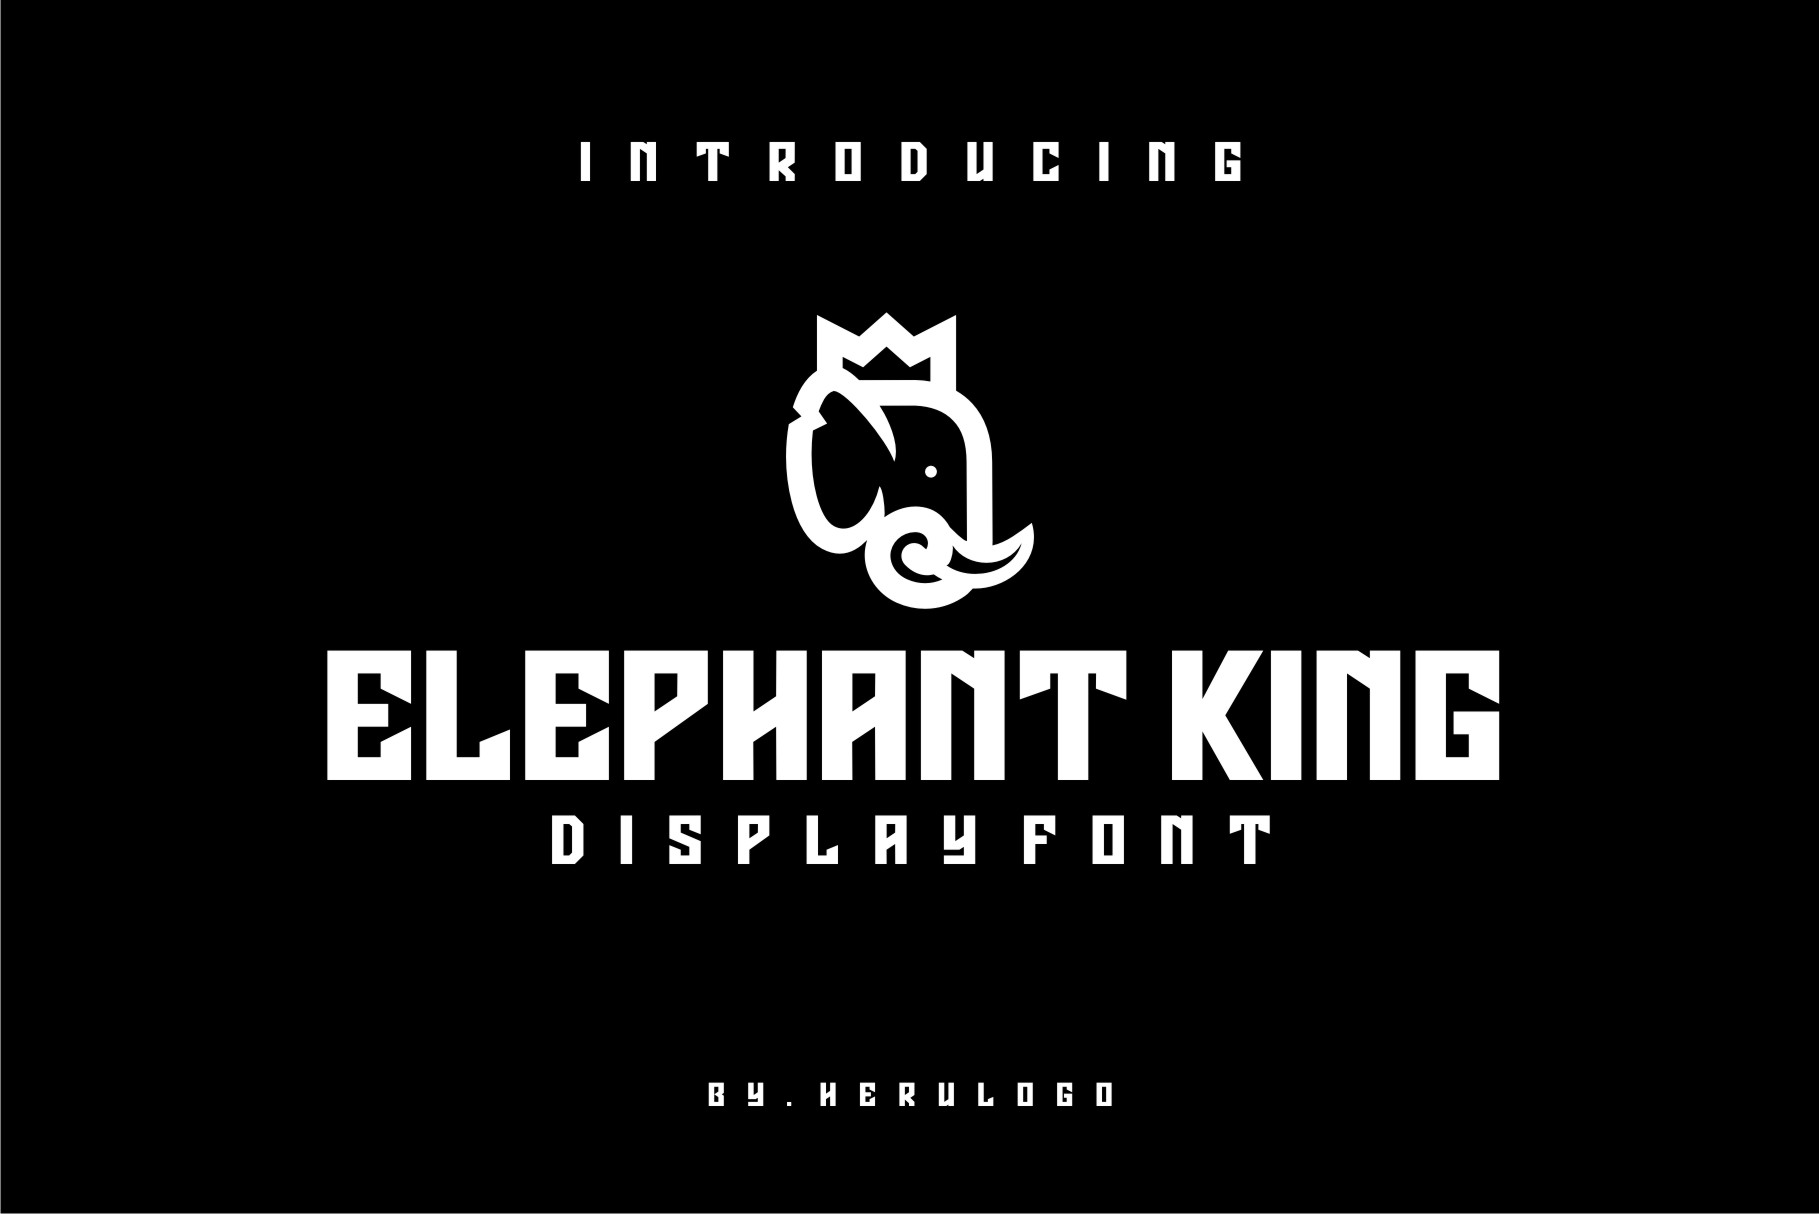 Elephant King example image 1